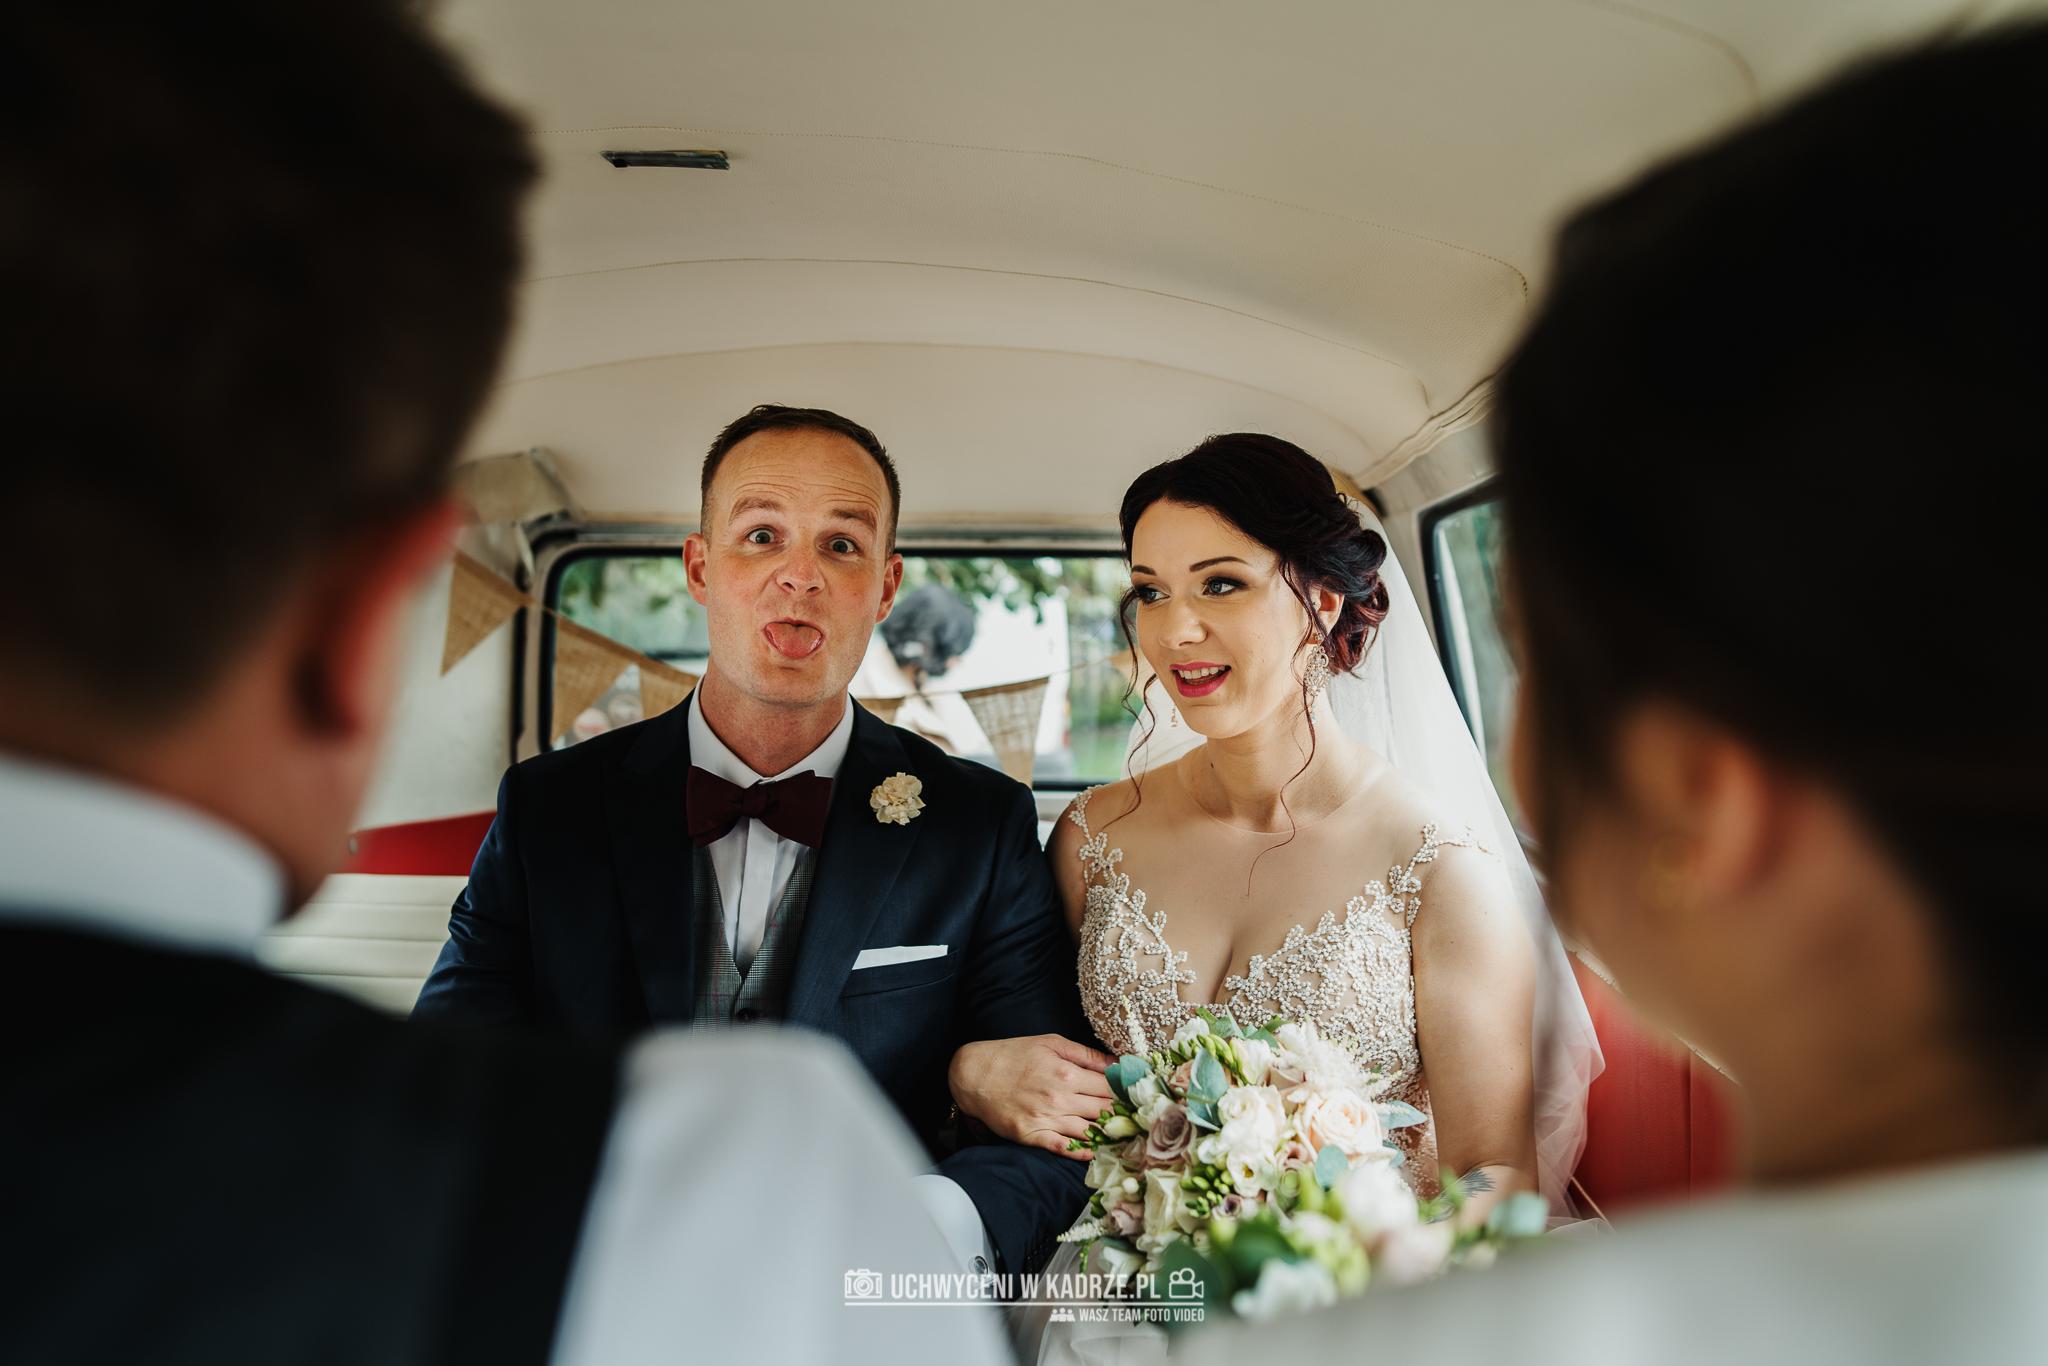 Aleksanda i Tomasz | Reportaż Ślubny | Chełm